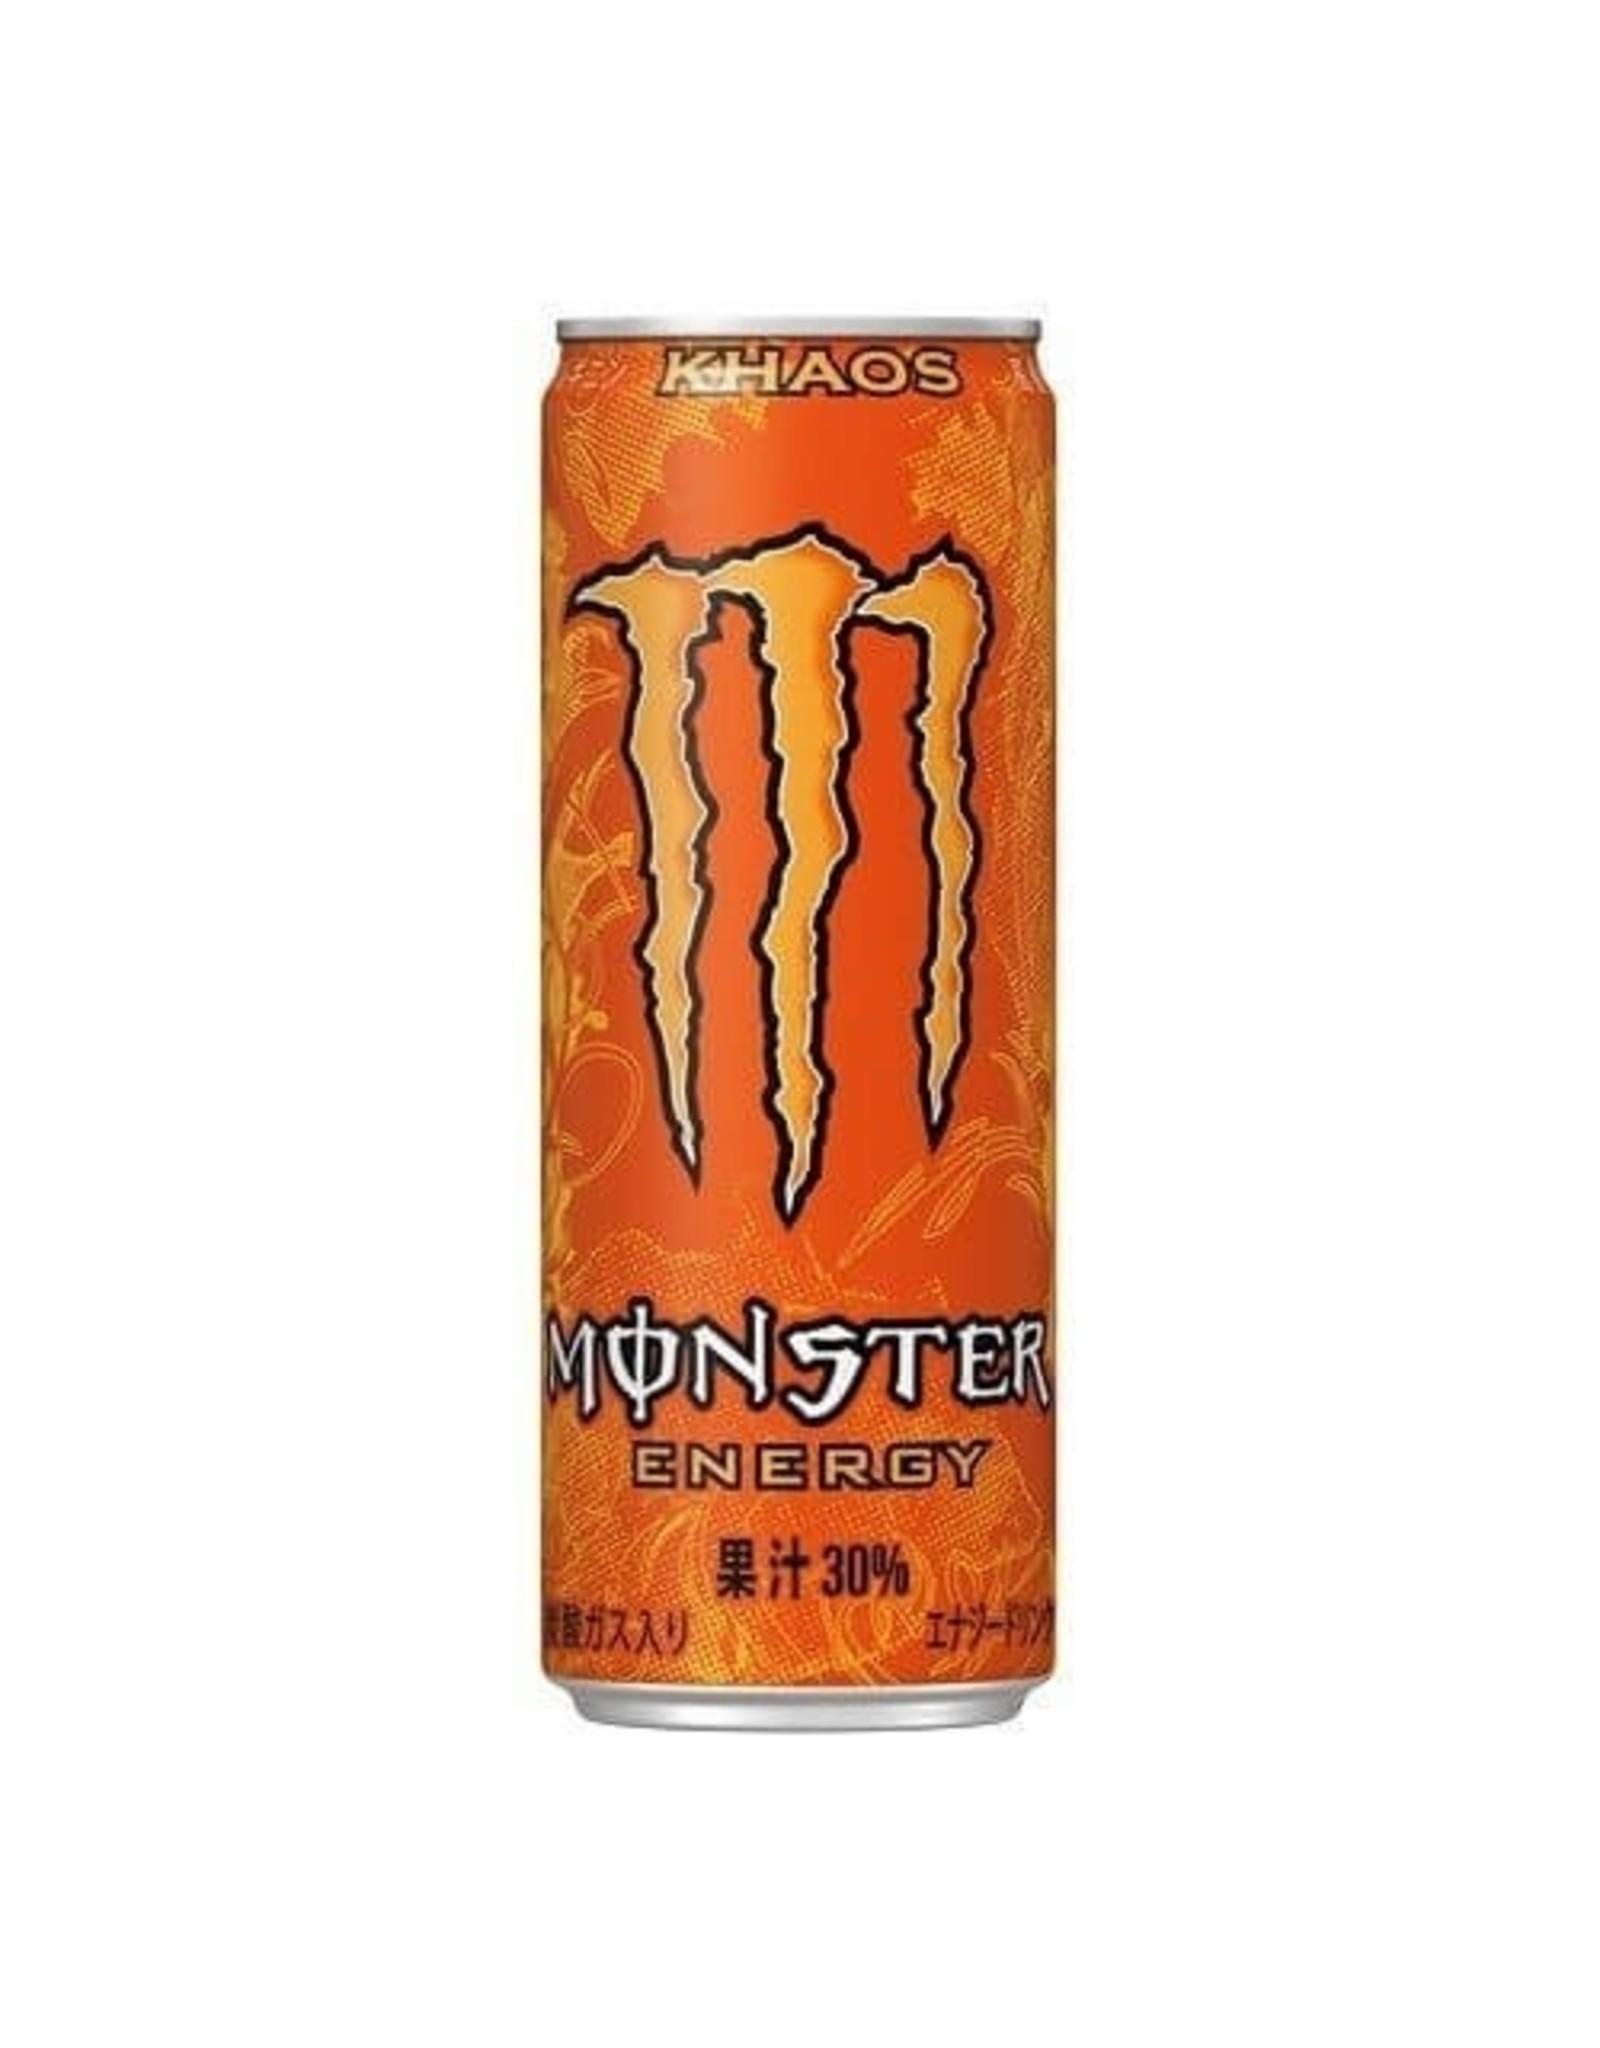 Monster Energy Khaos (Japanese Import) - 355ml